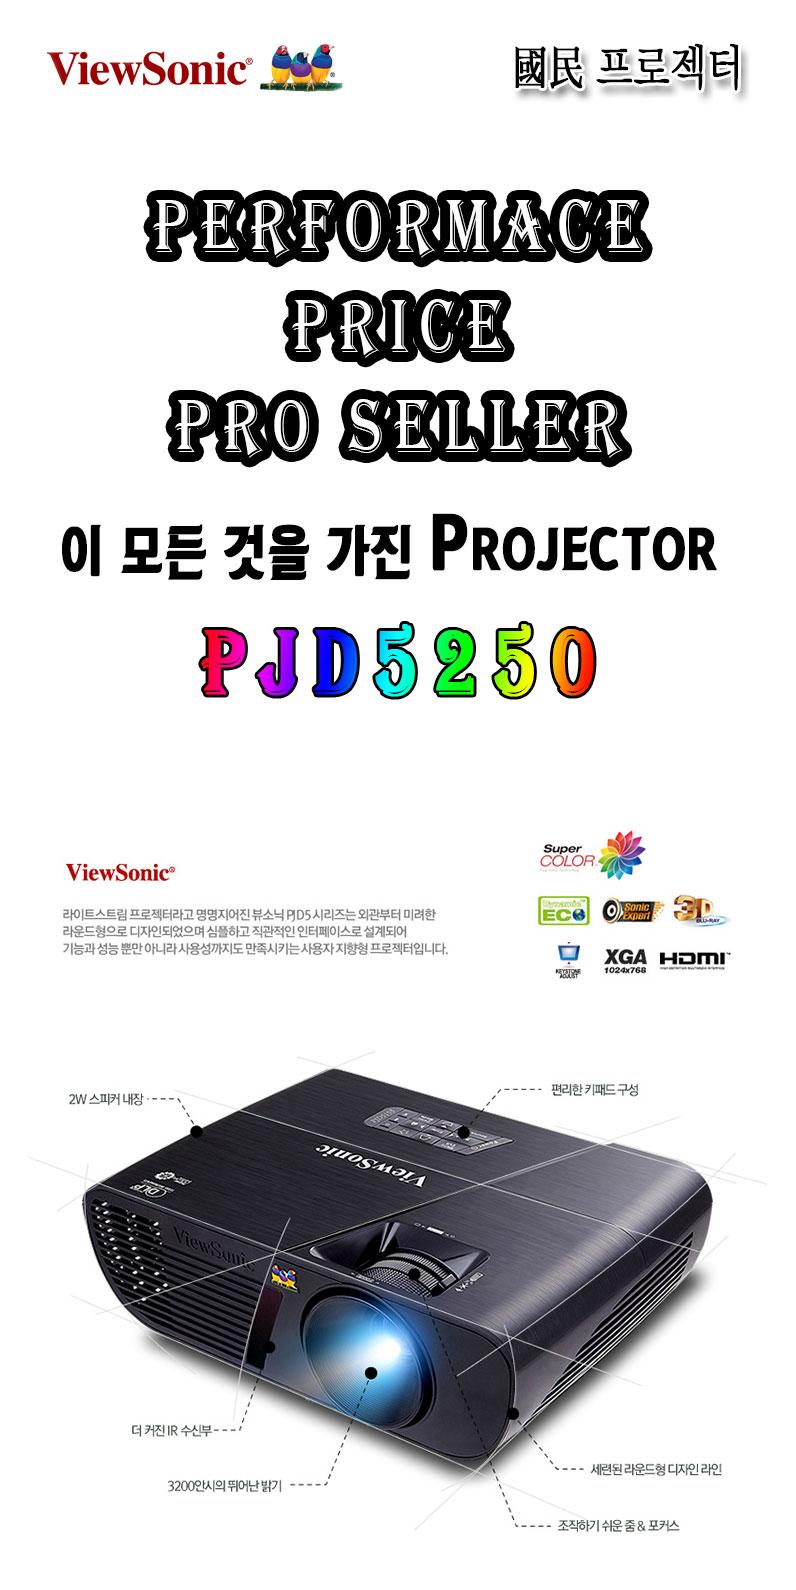 뷰소닉 pjd5250 dlp 프로젝터